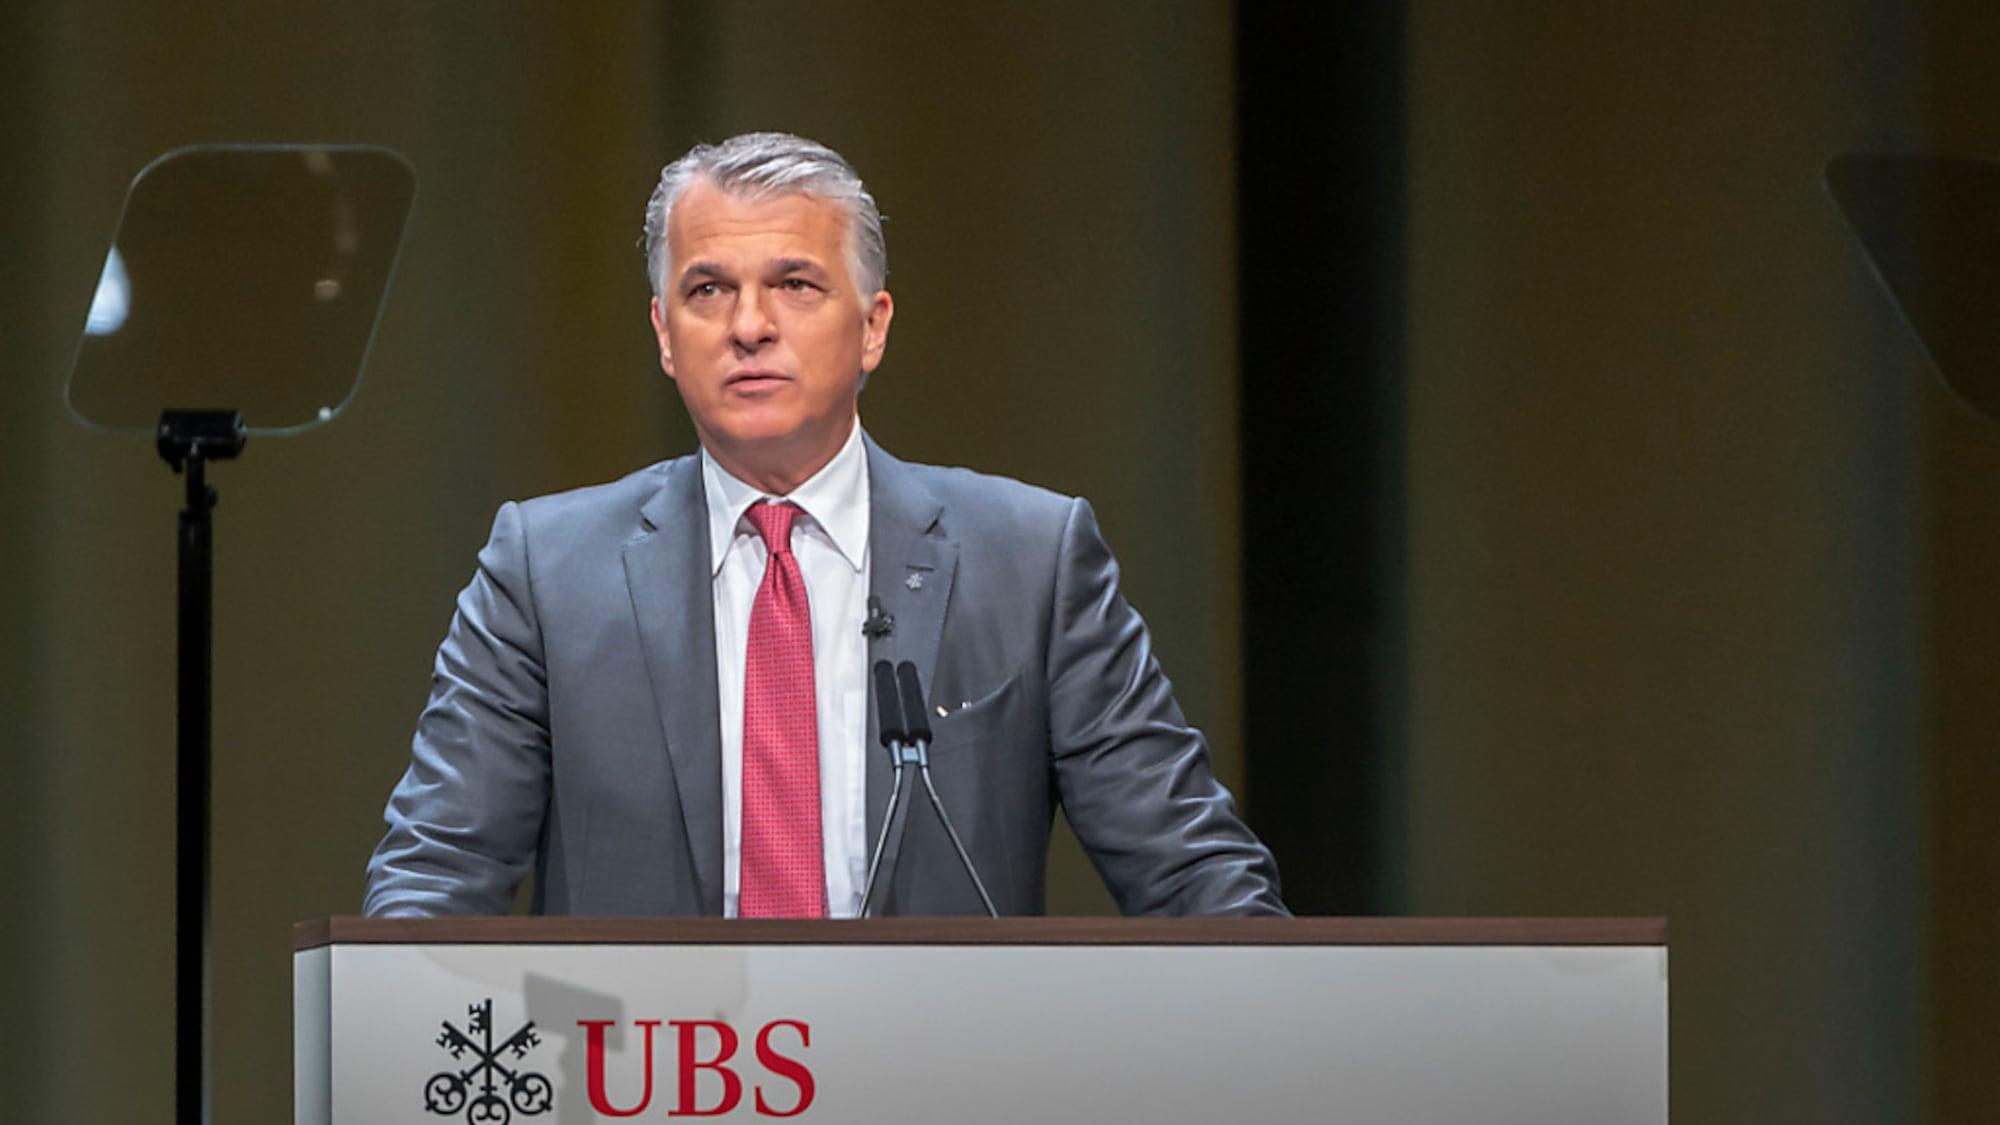 Erwartungen übertroffen: UBS erzielt Quartalsgewinn von 1,4 Milliarden Franken